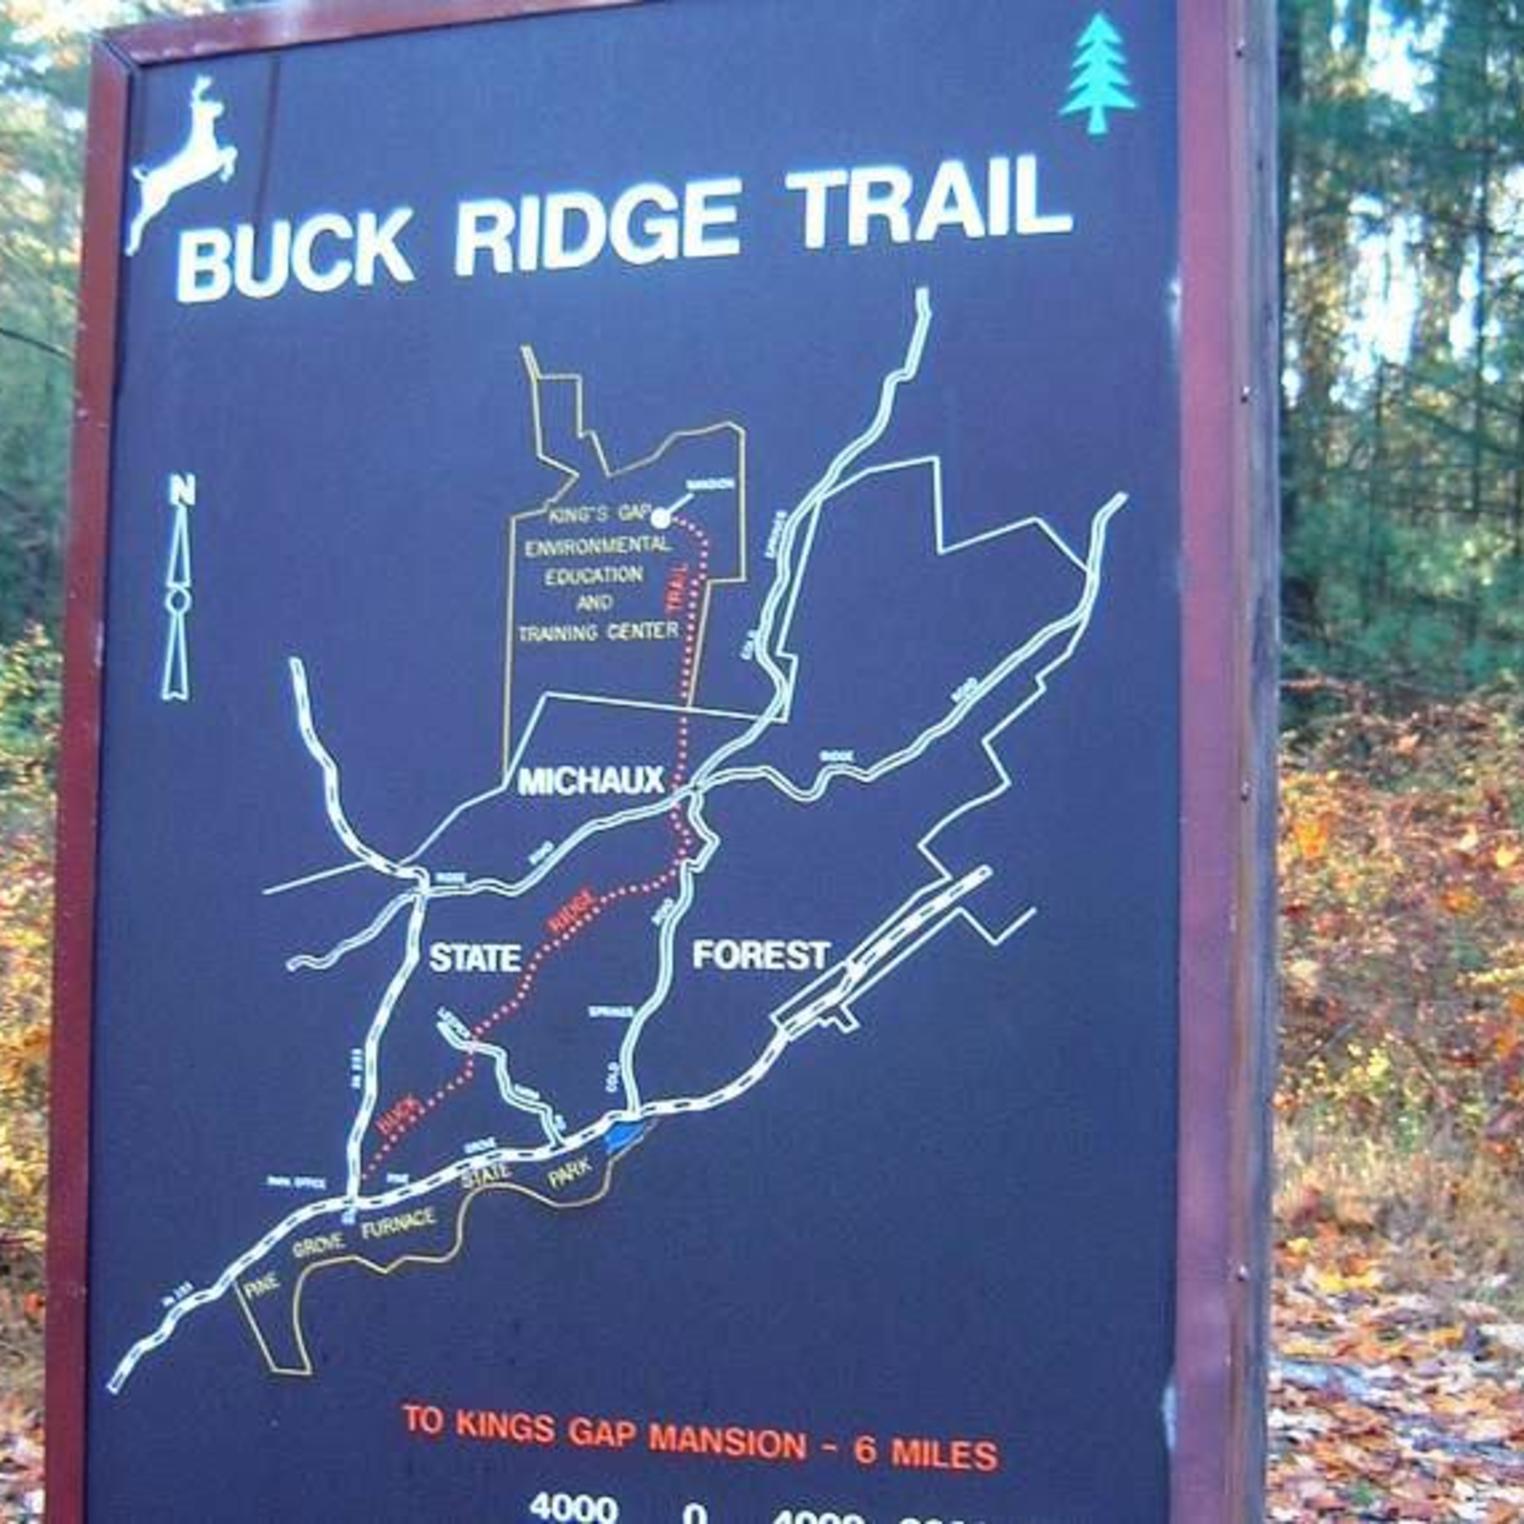 Buck Ridge Trail trailhead sign